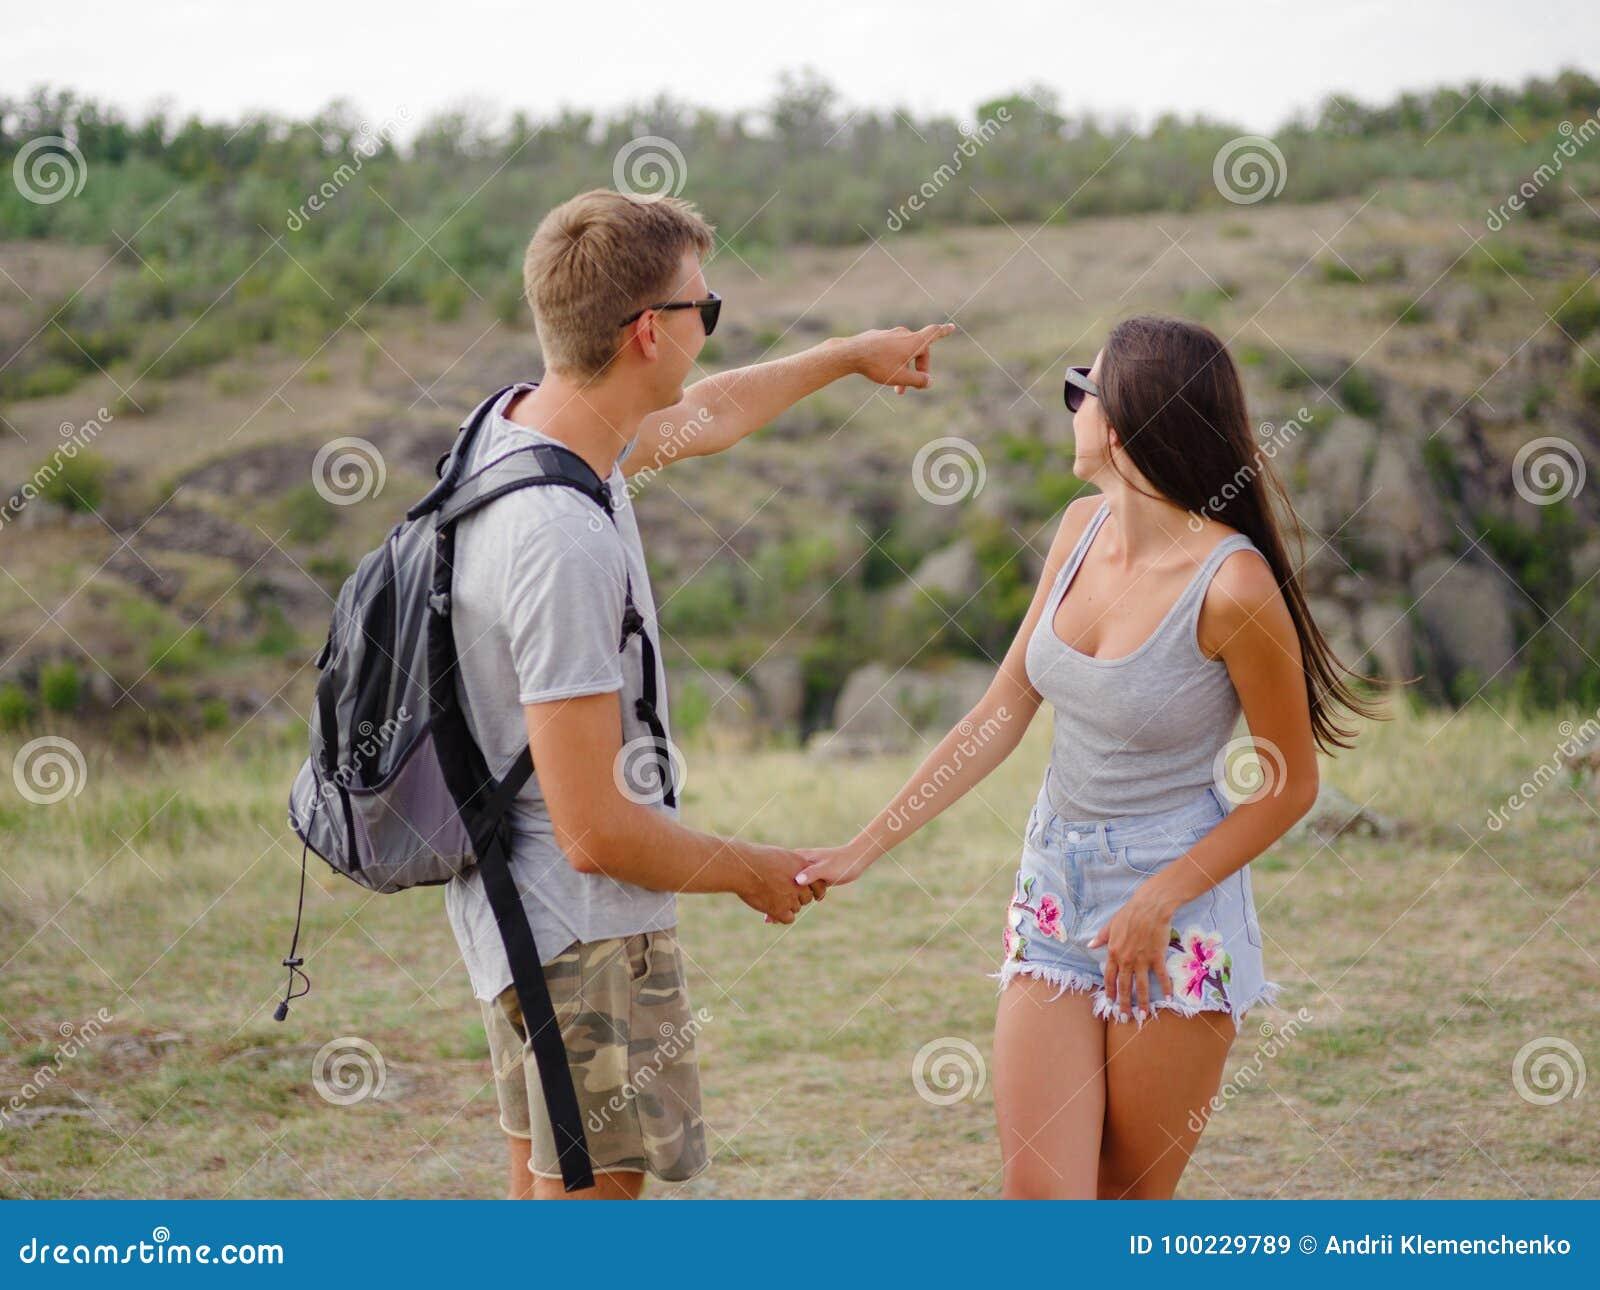 Gullig attraktiv flickvän och stark positiv pojkvän på en naturlig bakgrund Unga fotvandrare Romantiker snubblar begrepp